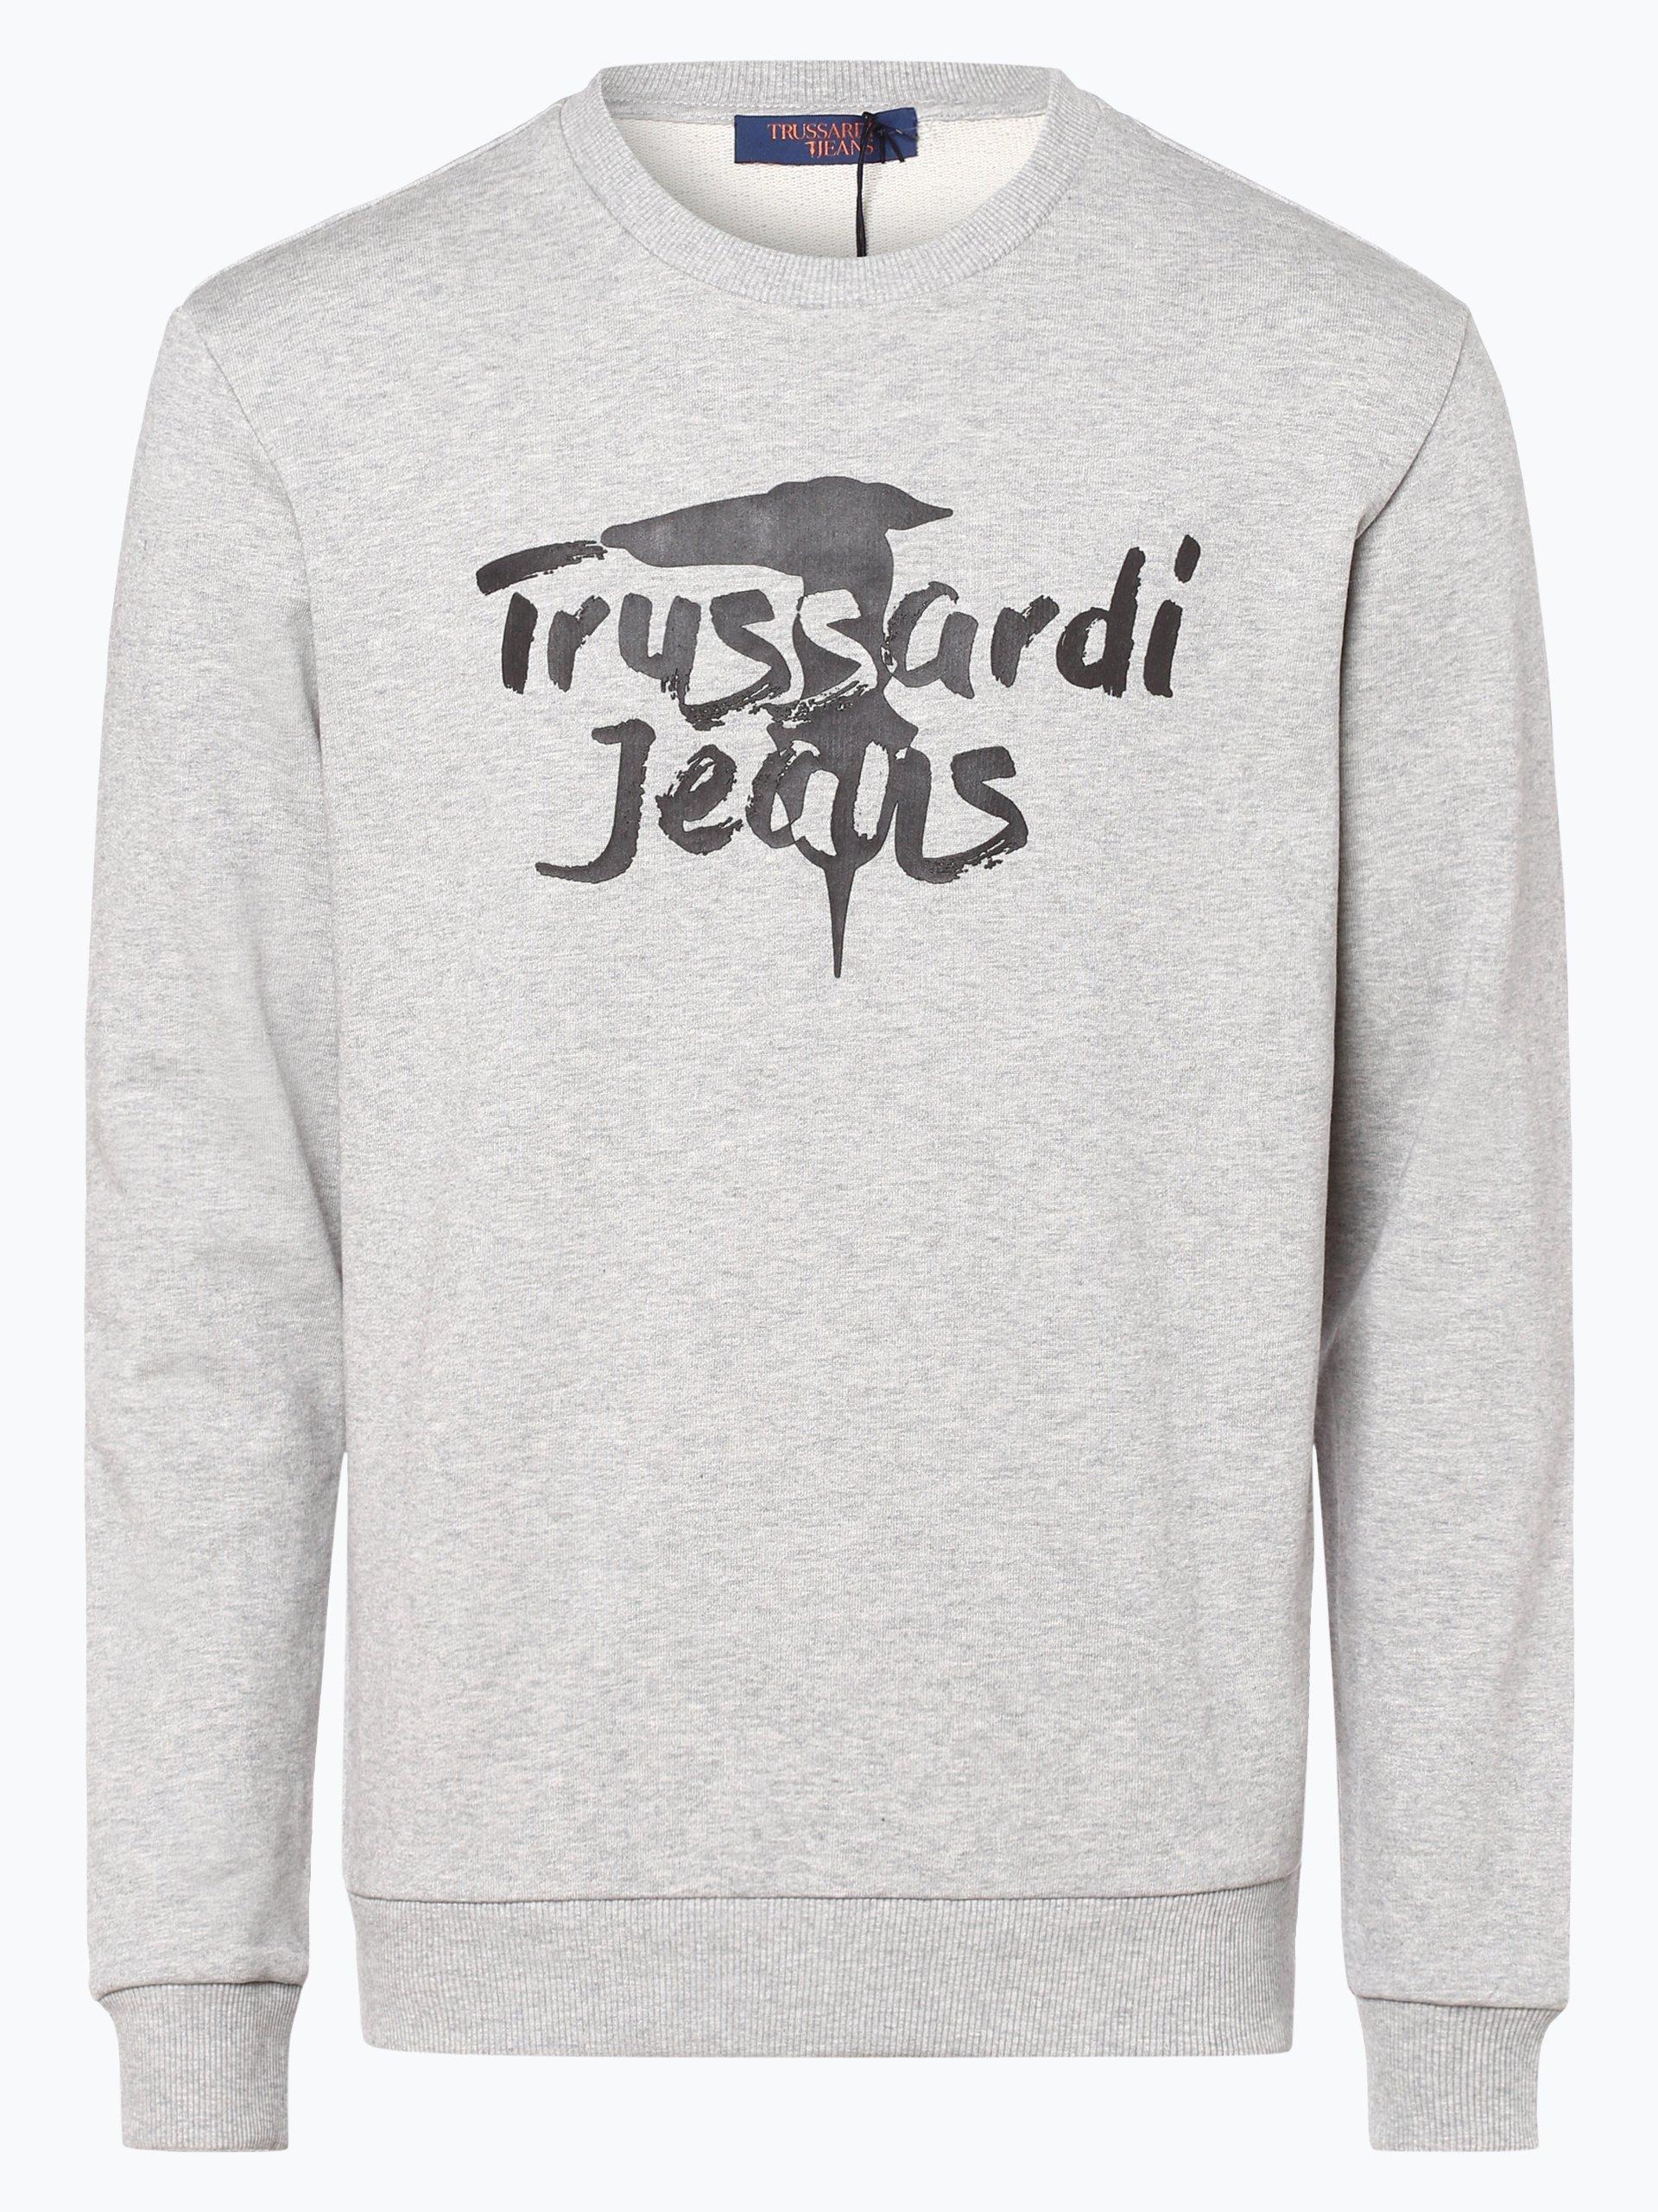 Trussadi Jeans Herren Sweatshirt